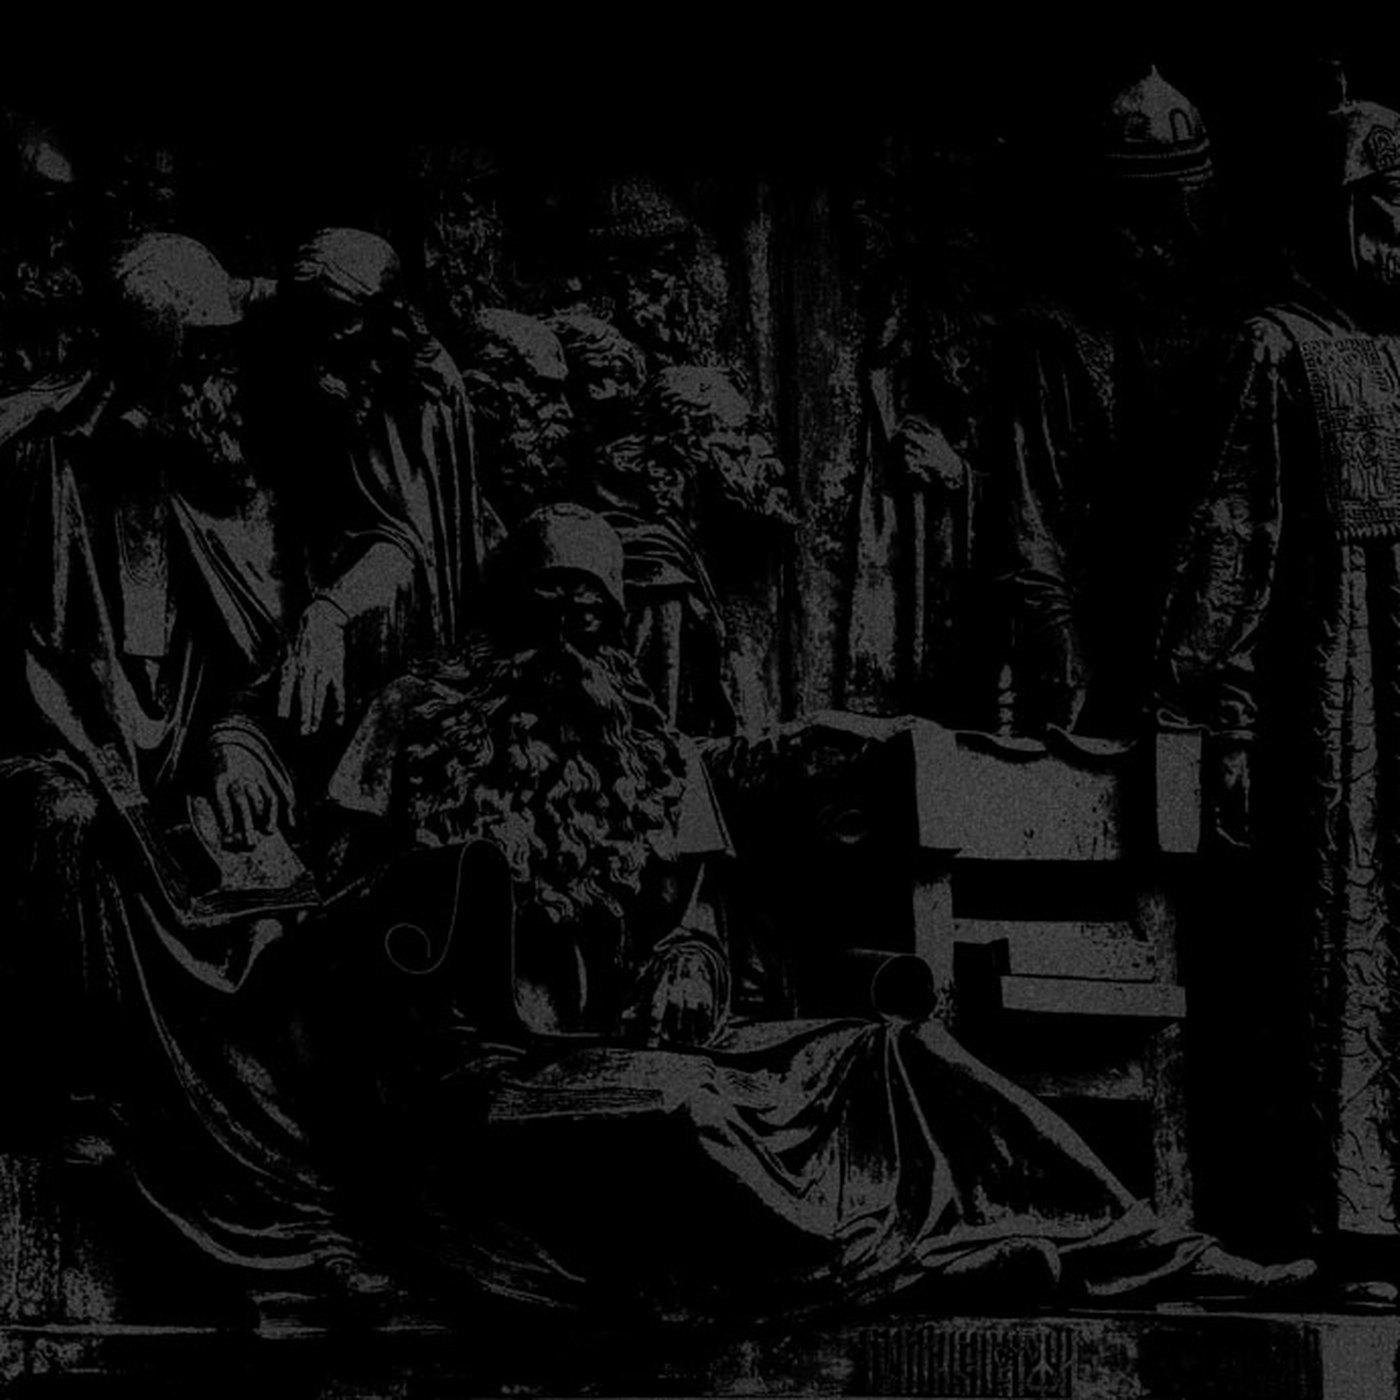 Незабываемый 1919-й: апогей гражданской войны